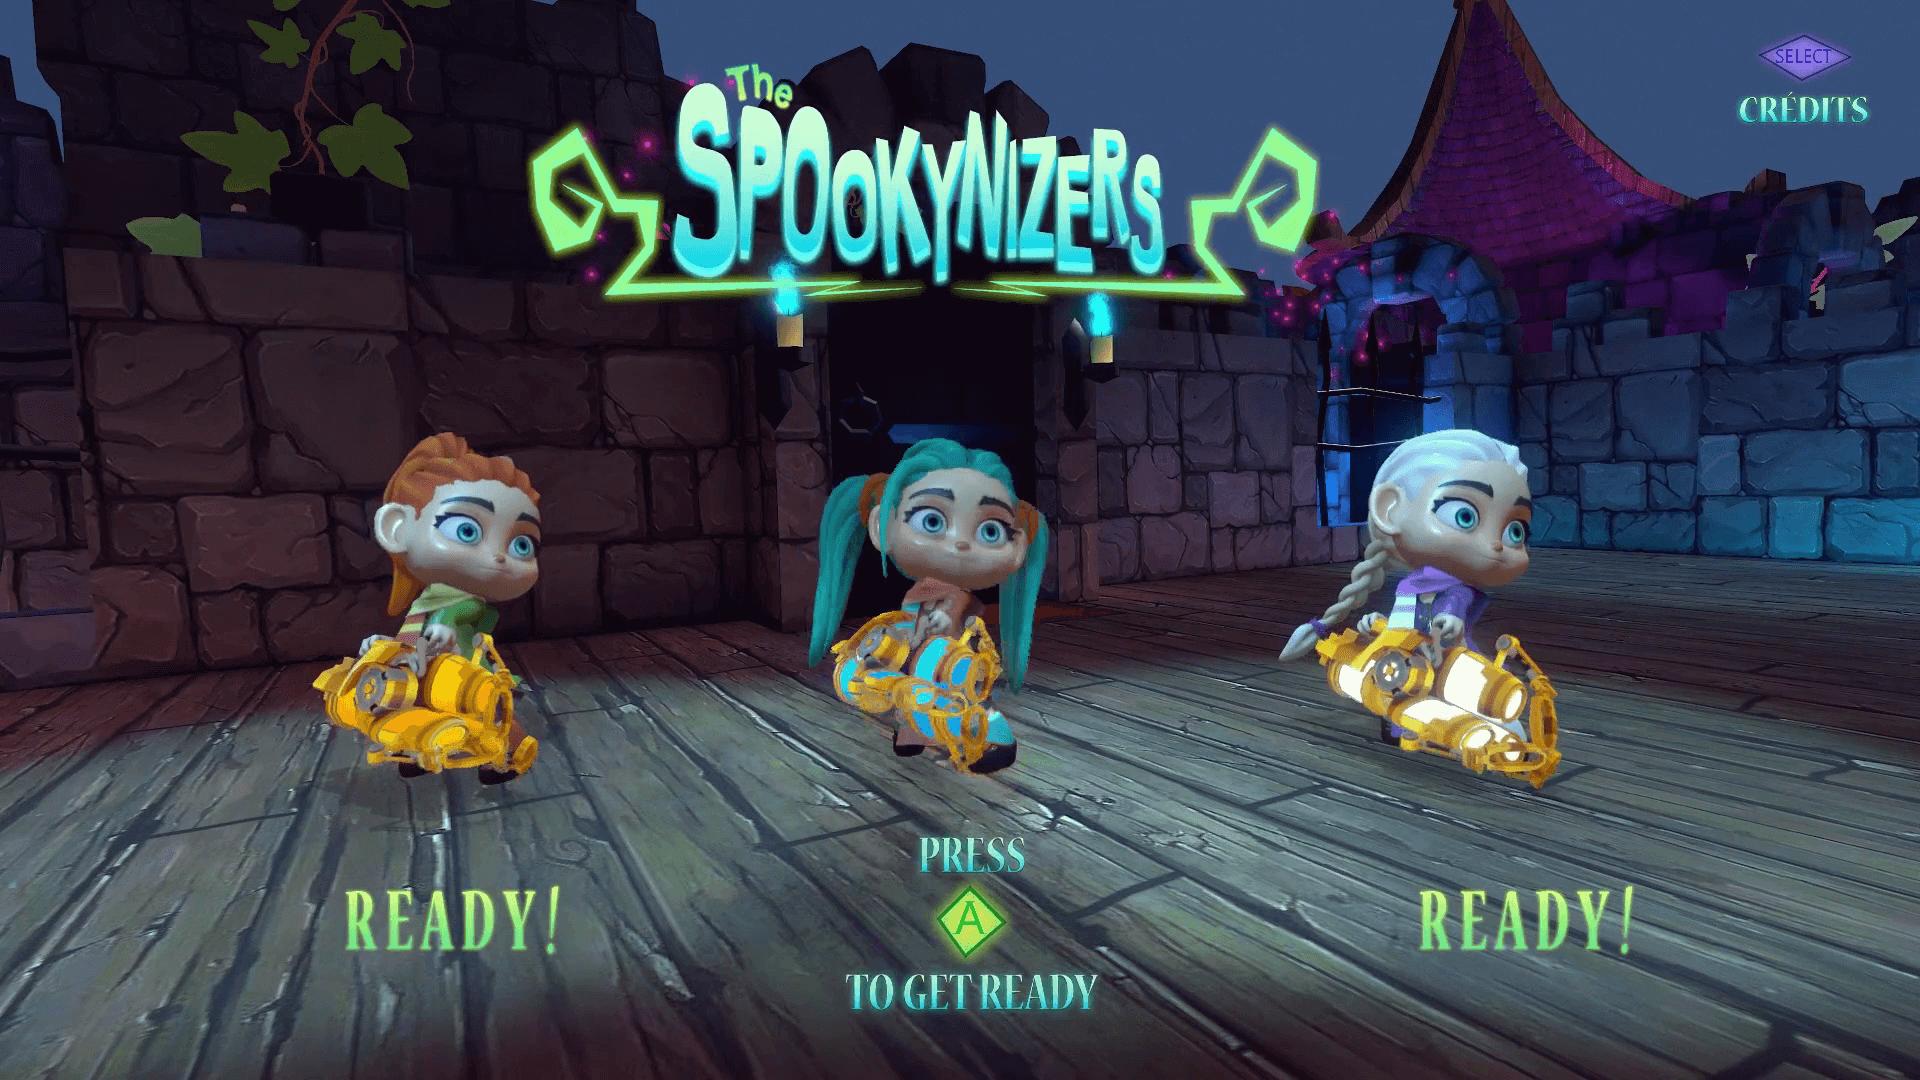 Spookynizers2